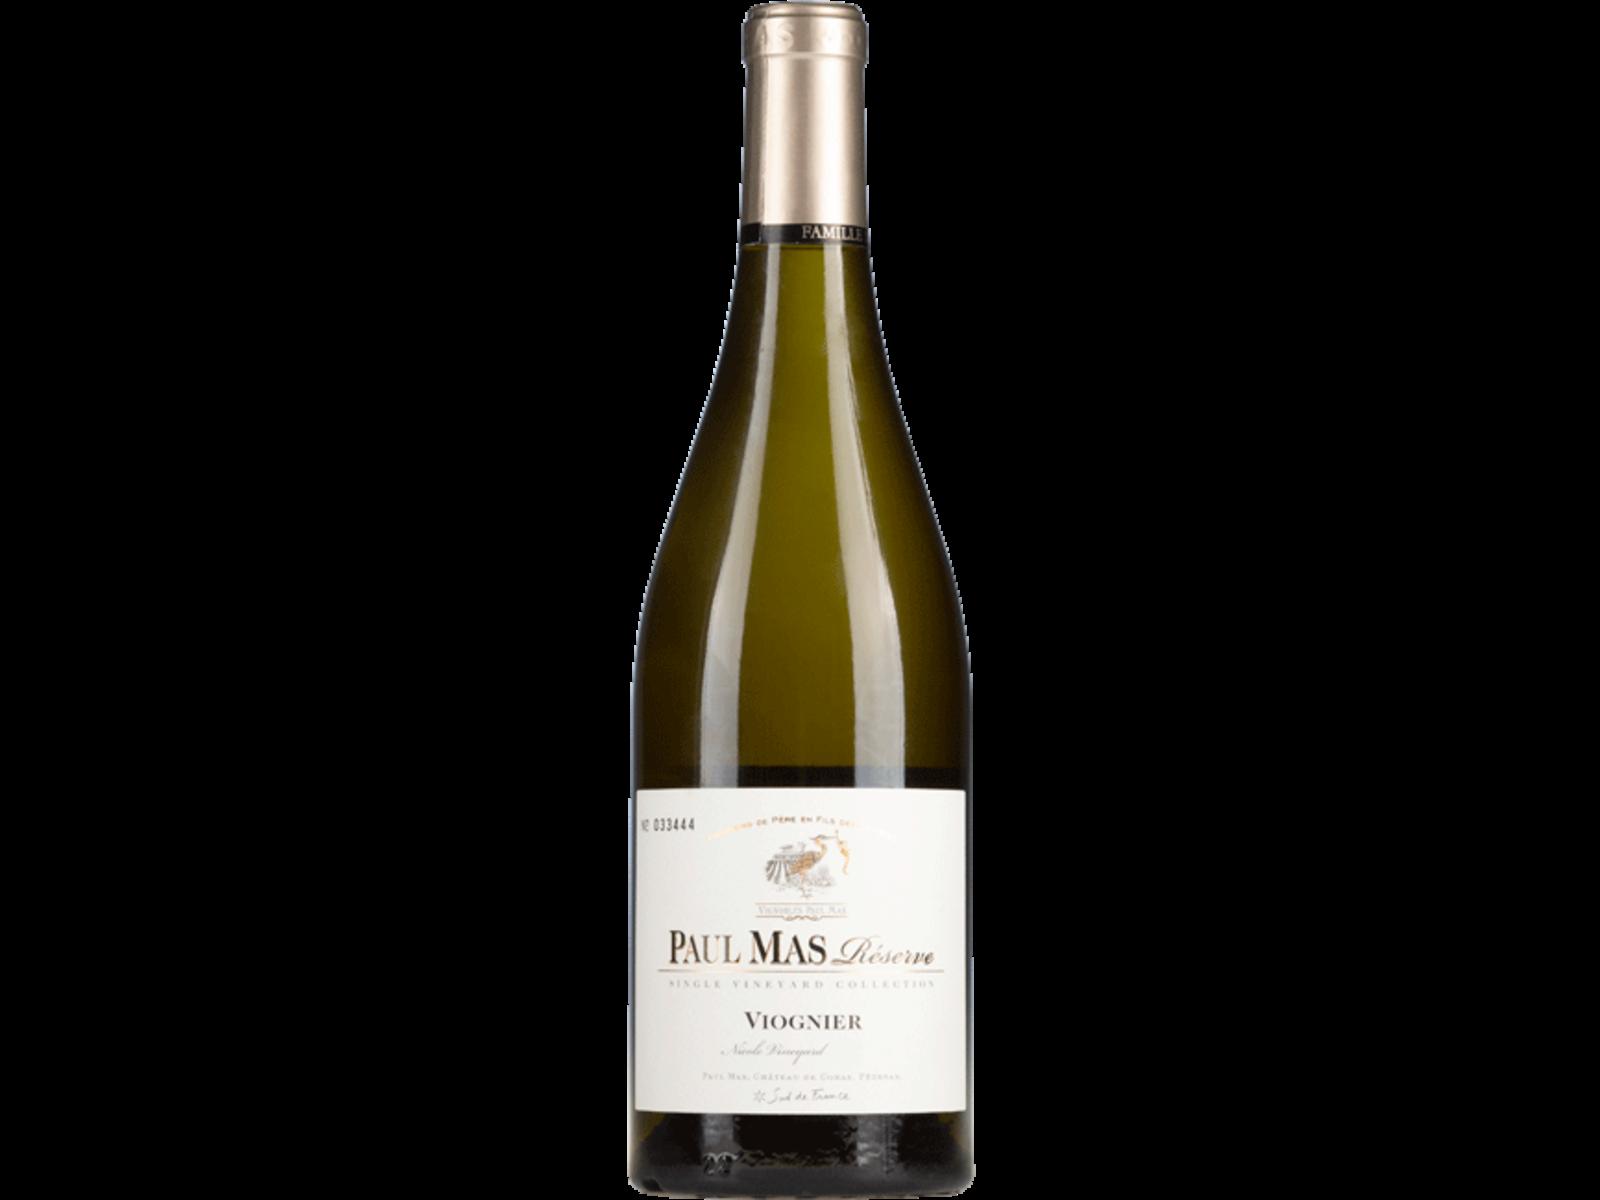 Domaines Paul Mas Paul Mas Estate Viognier Reserve Single Vineyard Collection